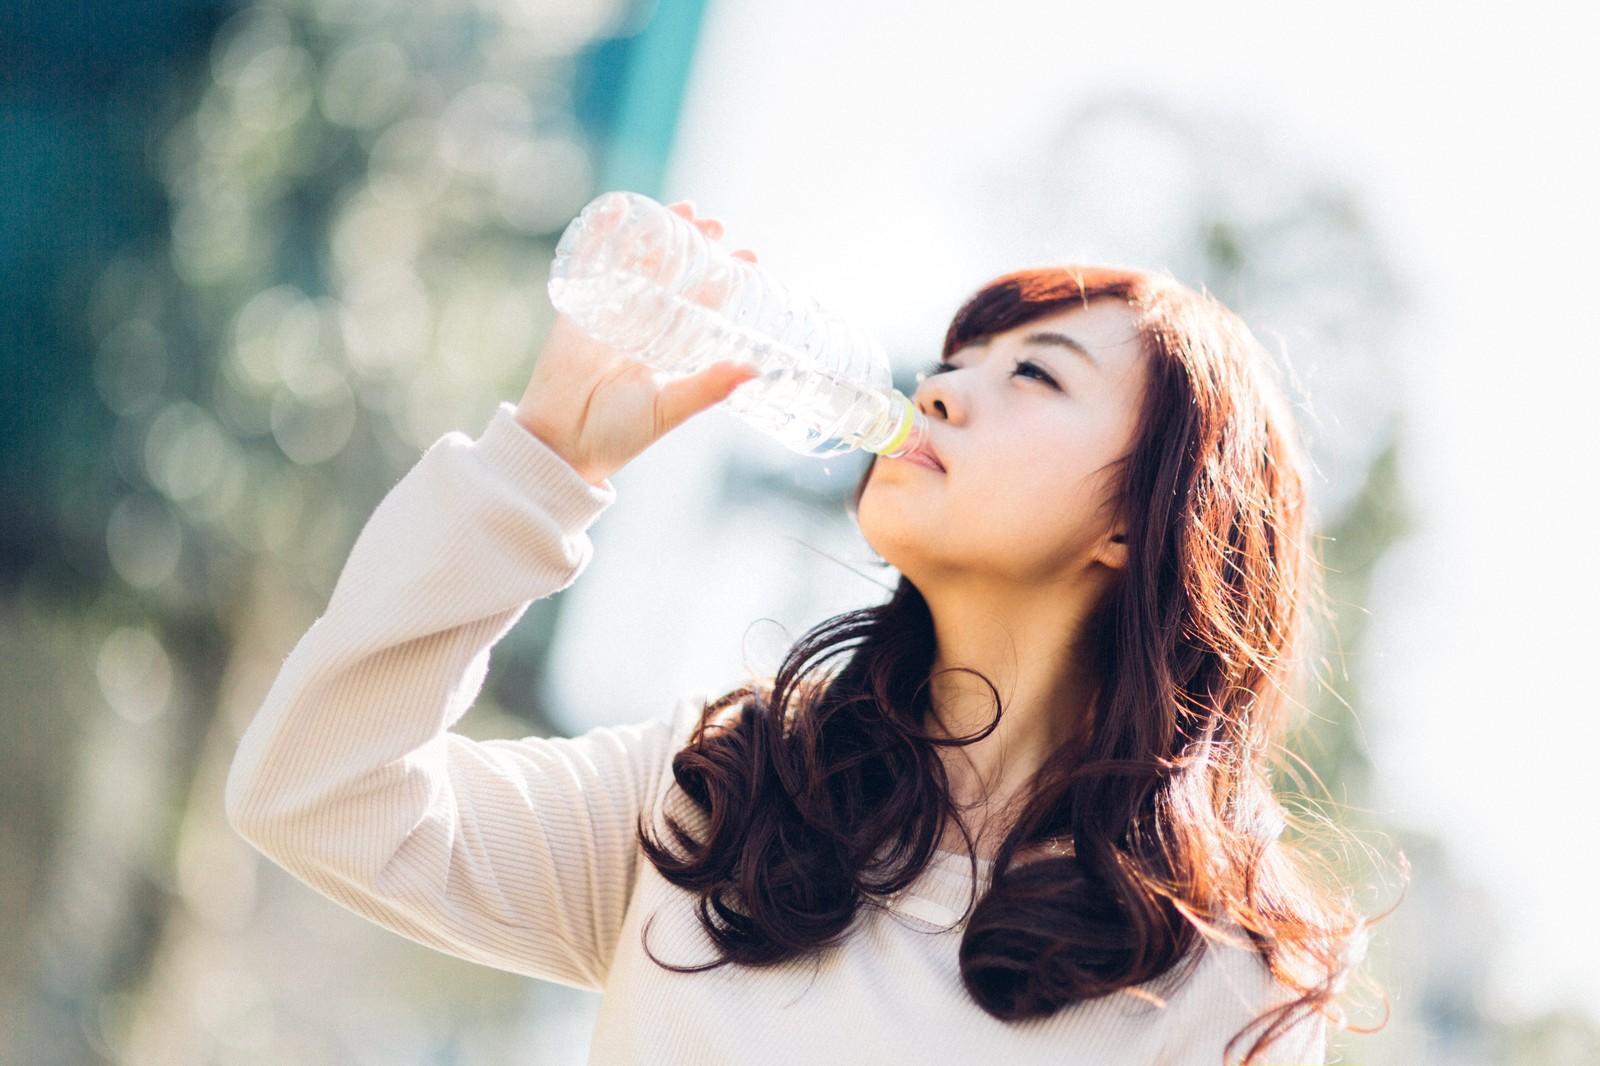 カロリーの高い飲み物はダイエット中の盲点?気をつけたい飲み物